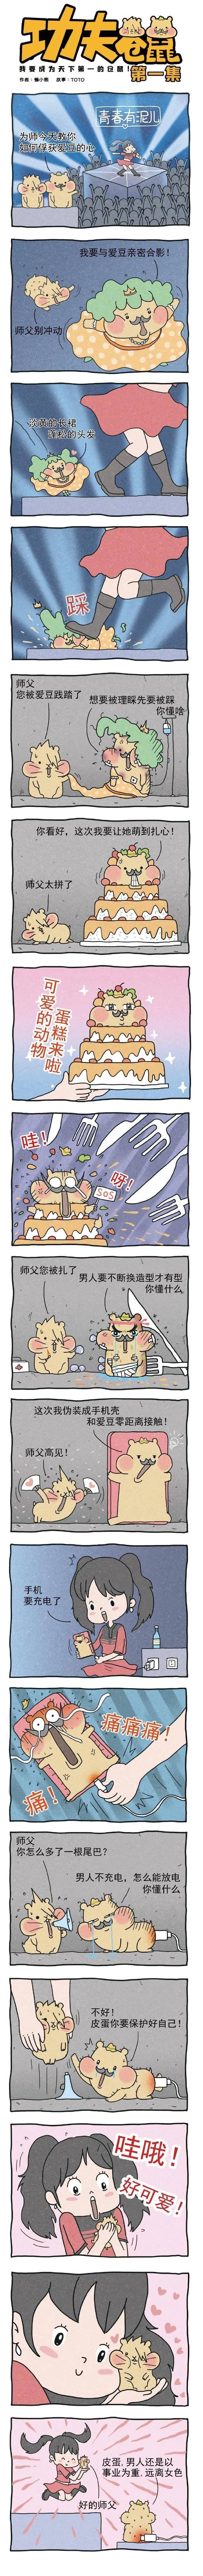 搞笑系列漫画:功夫仓鼠の前辈高见